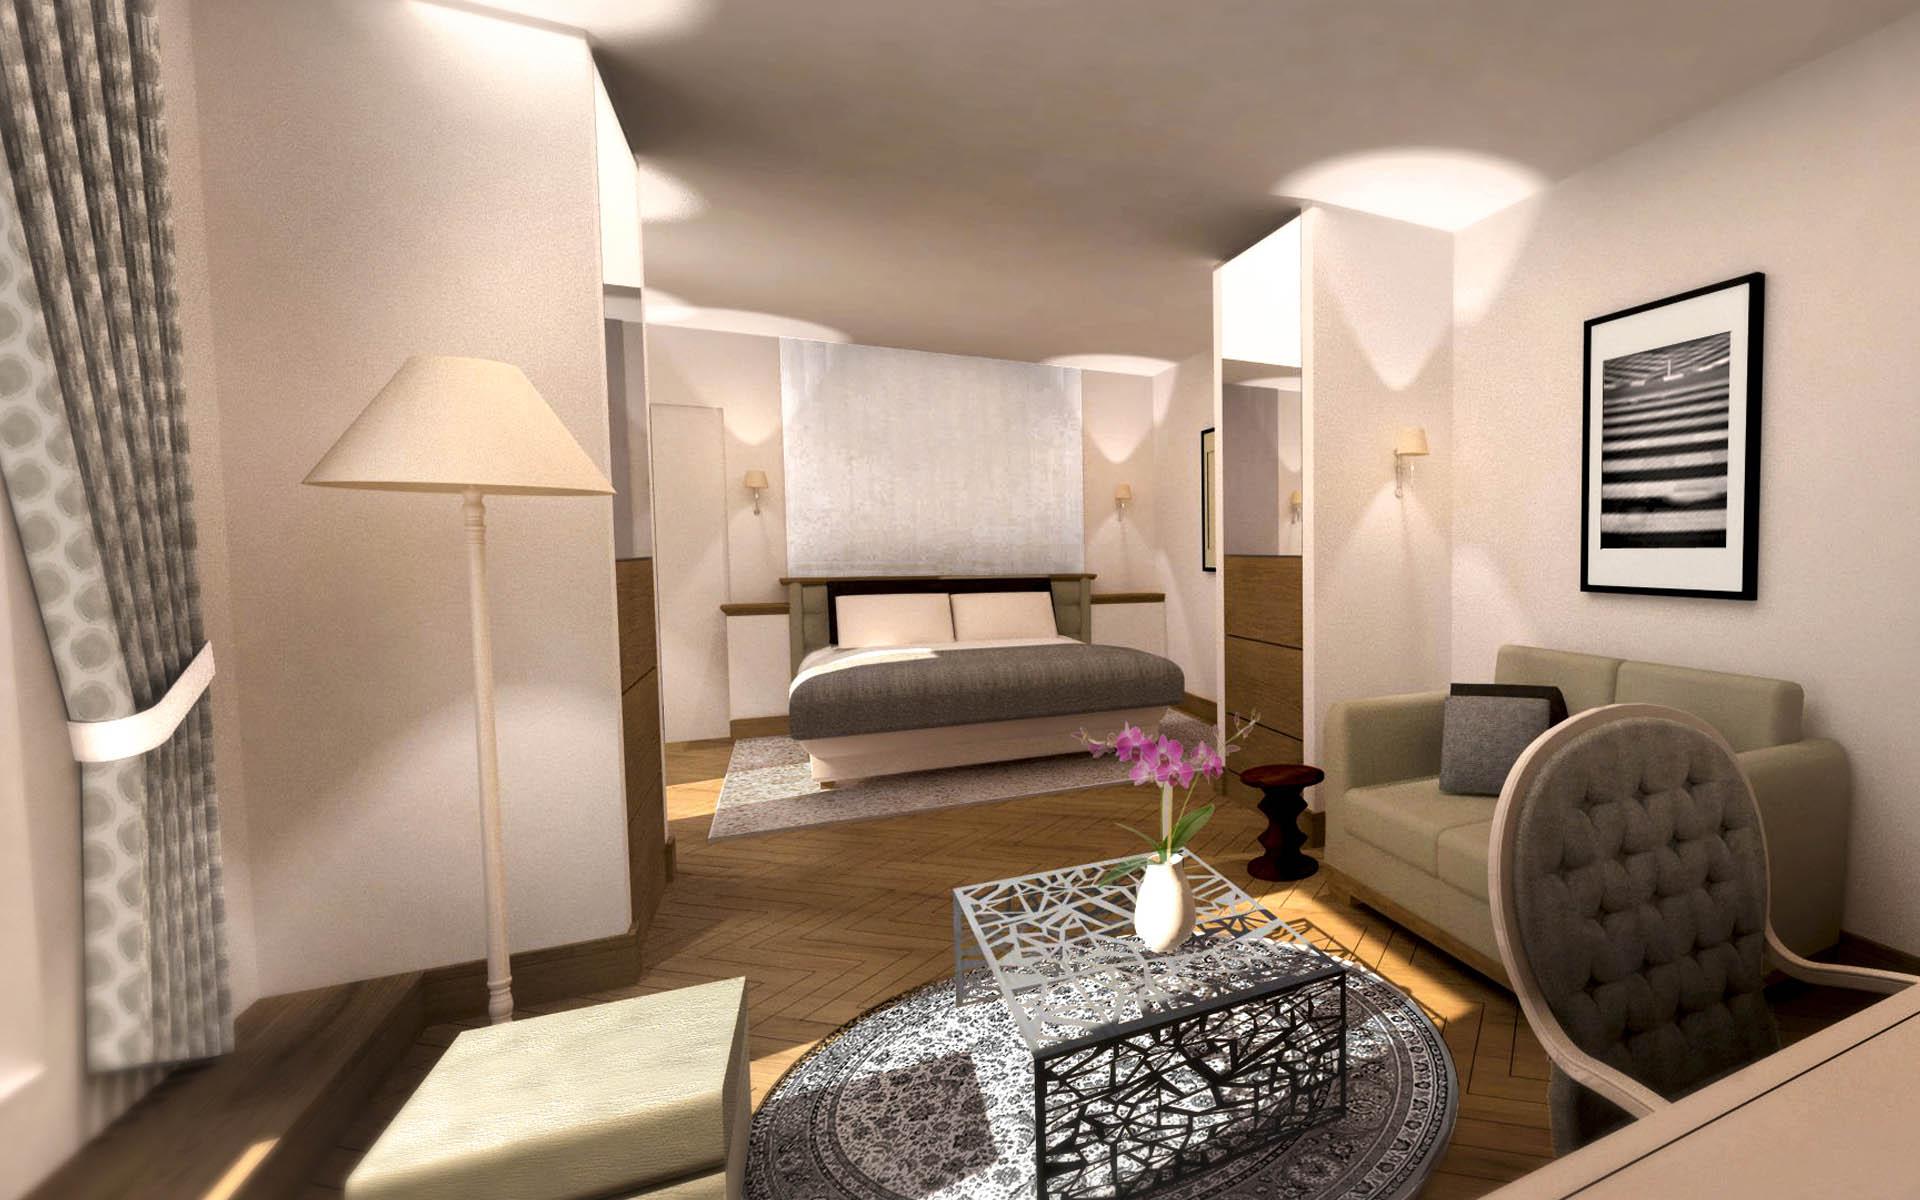 Architecte intérieur Hotel - Aix en provence 10